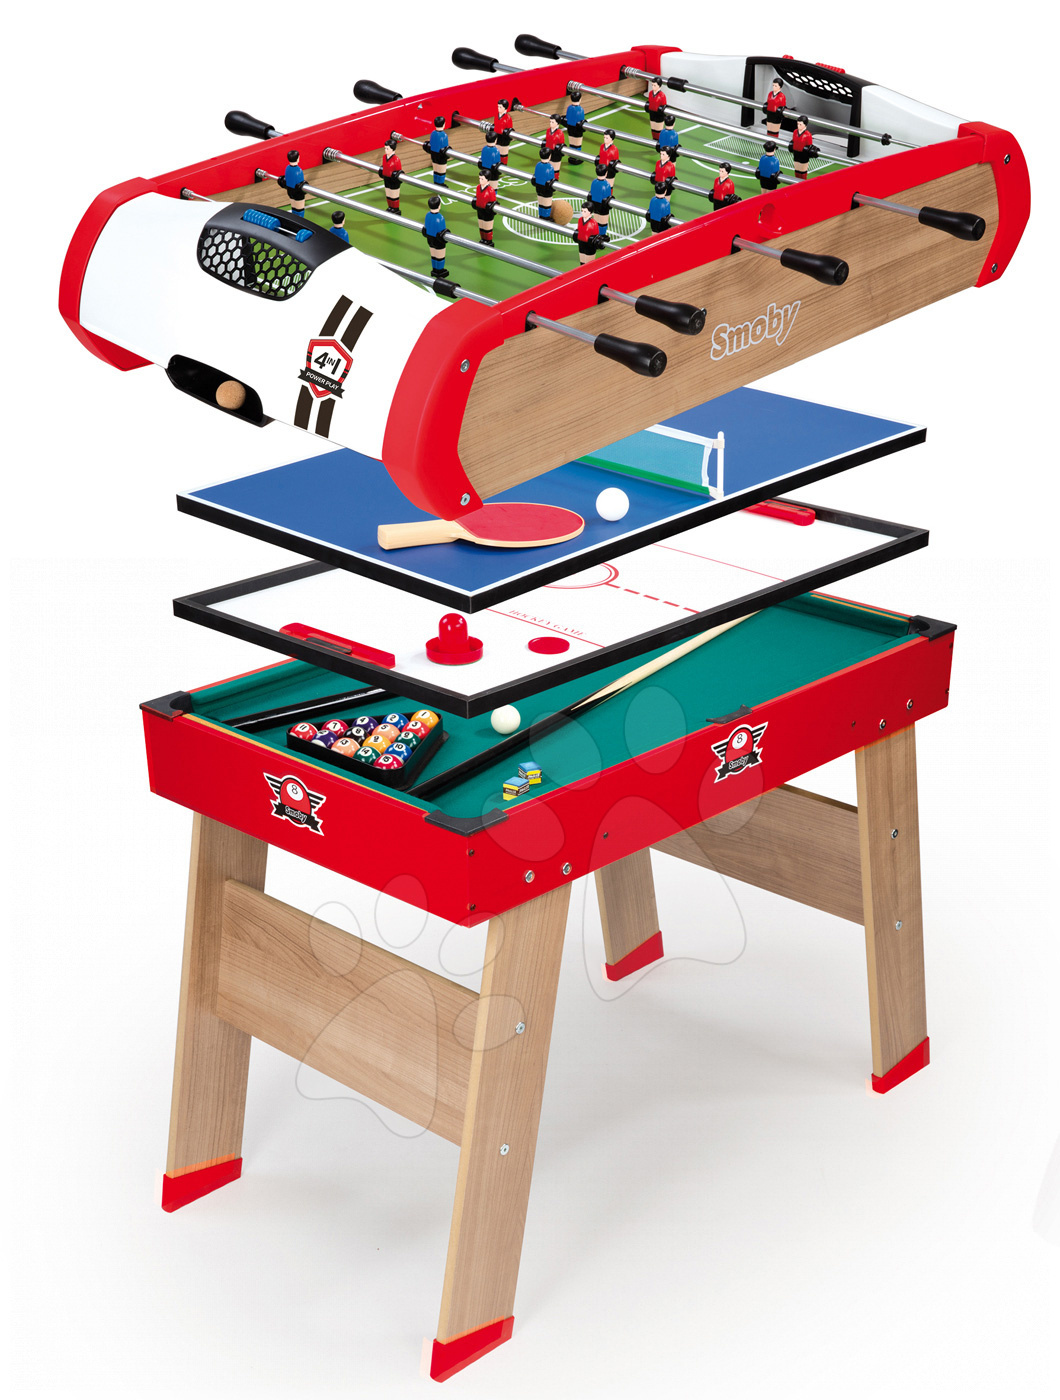 Dřevěný fotbalový stůl Powerplay 4v1 Smoby – stolní fotbal, kulečník, hokej a tenis od 8 let